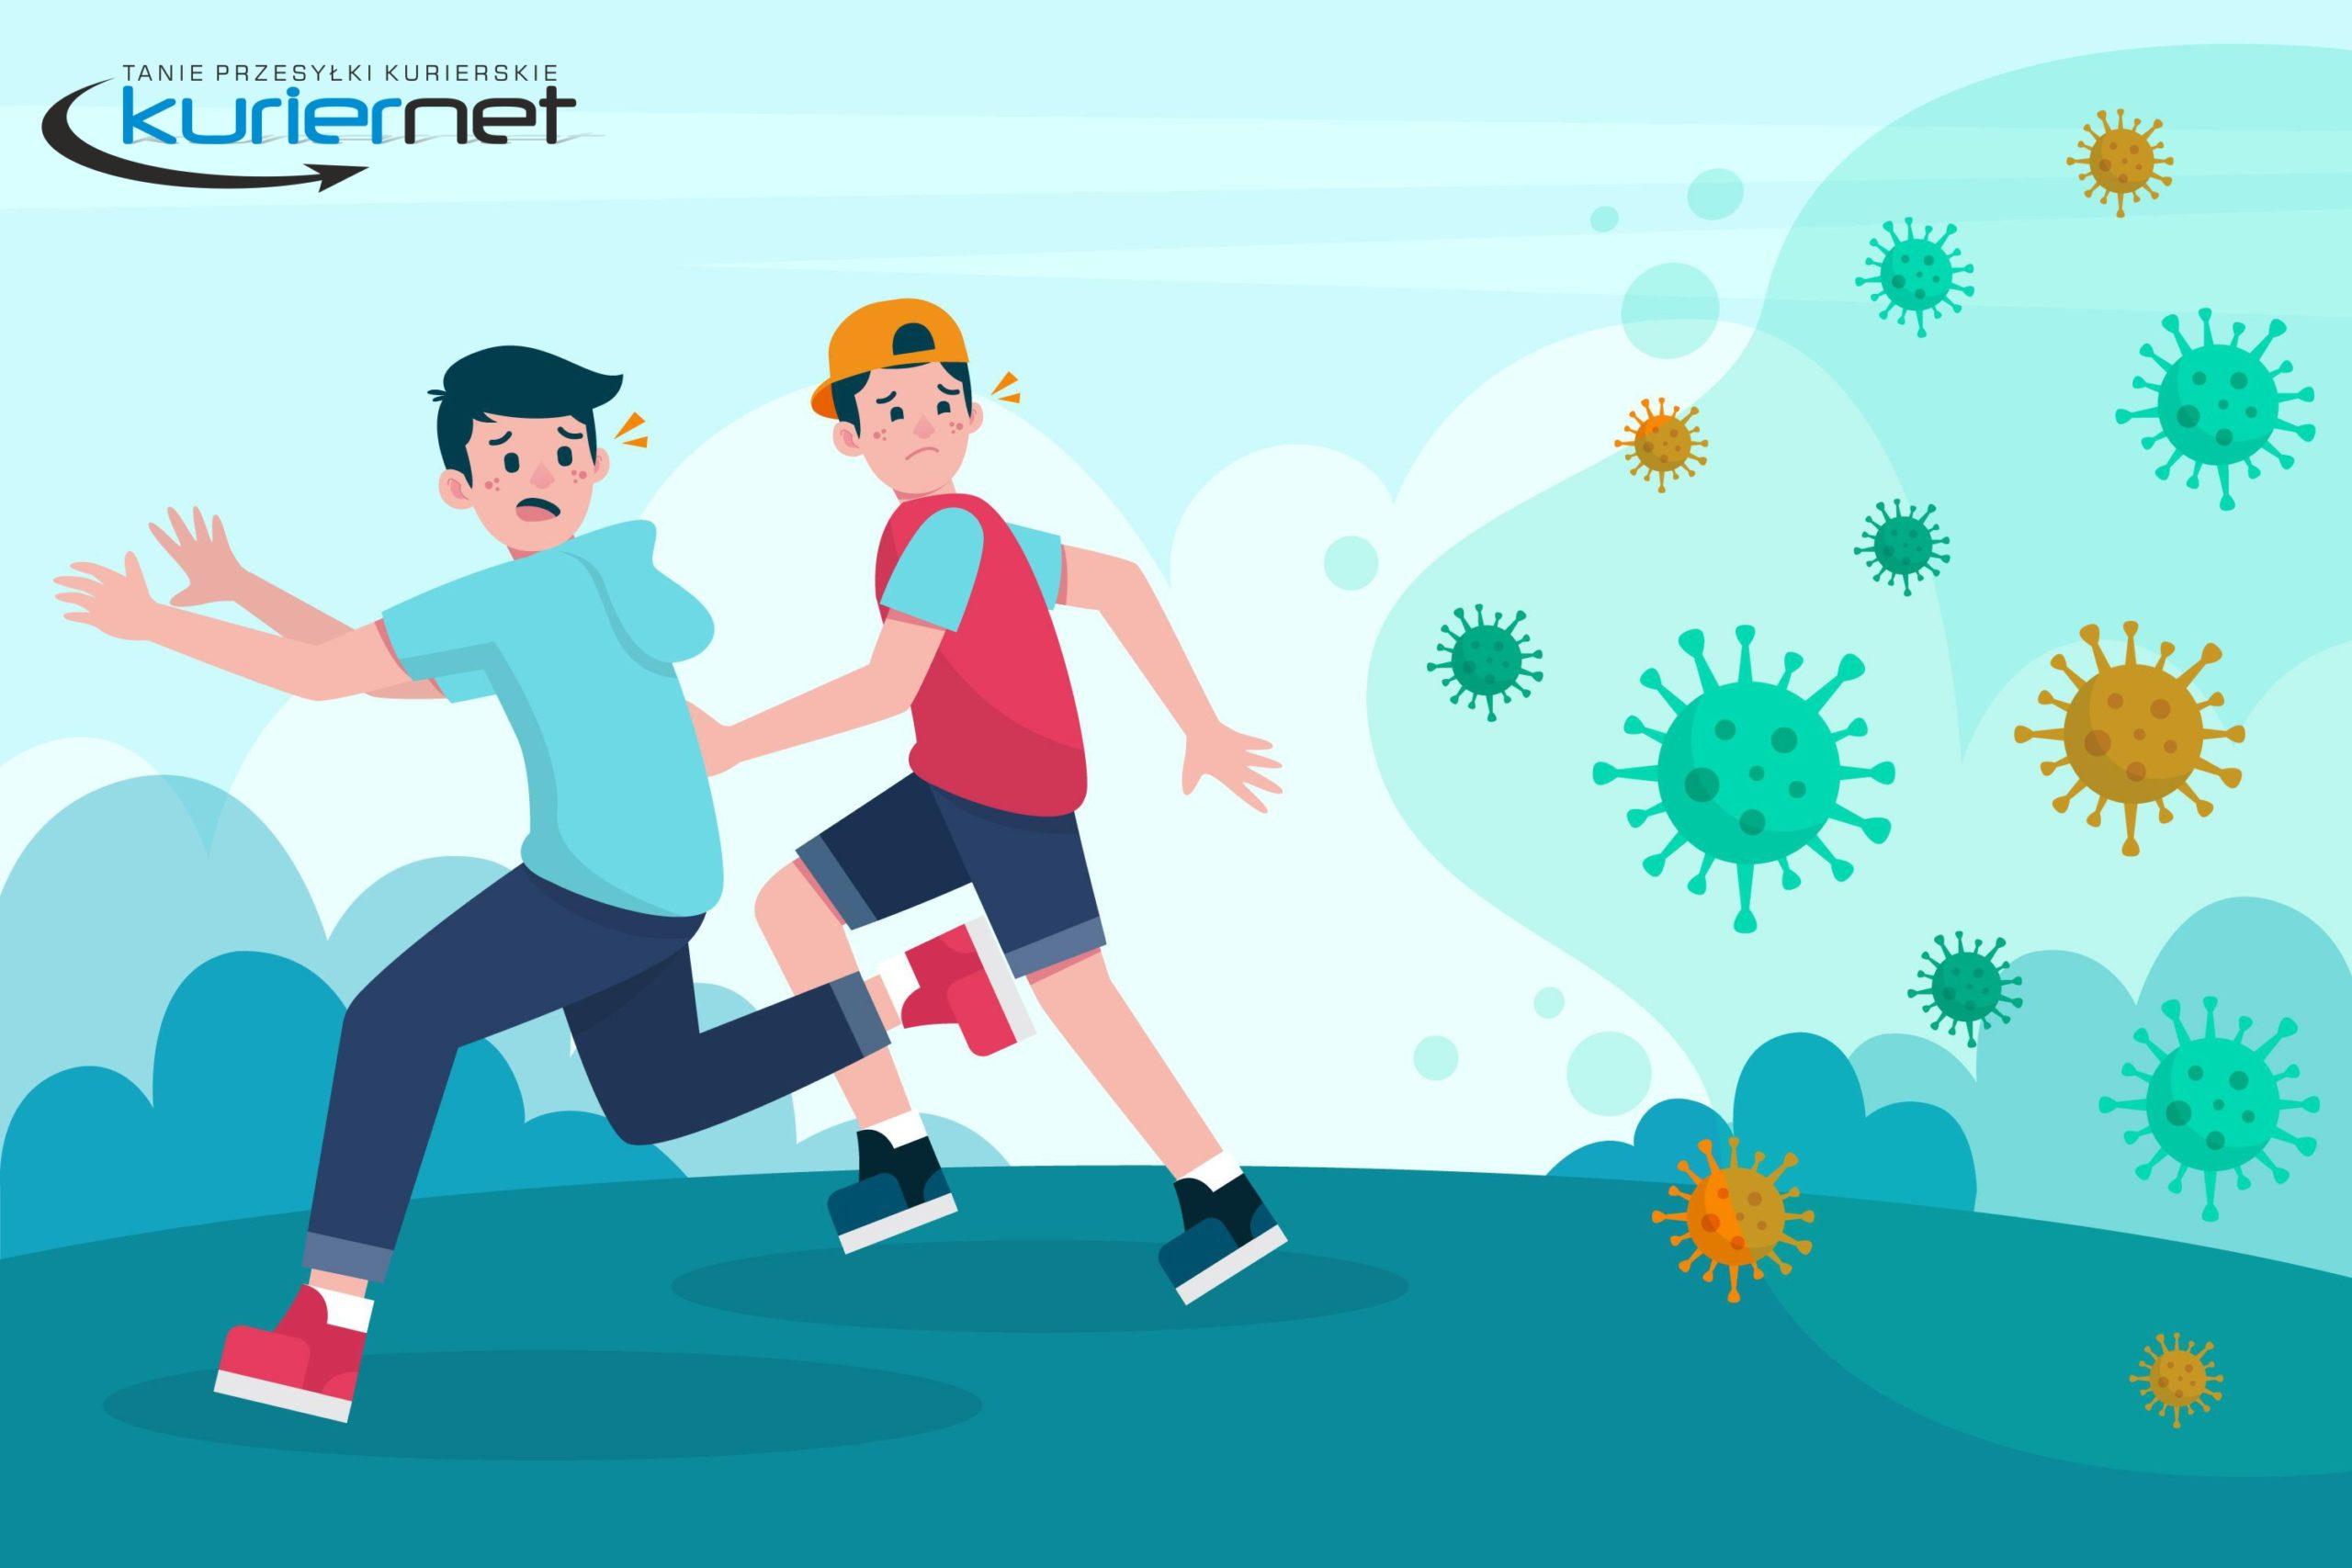 chłopcy uciekają przed koronawirusem